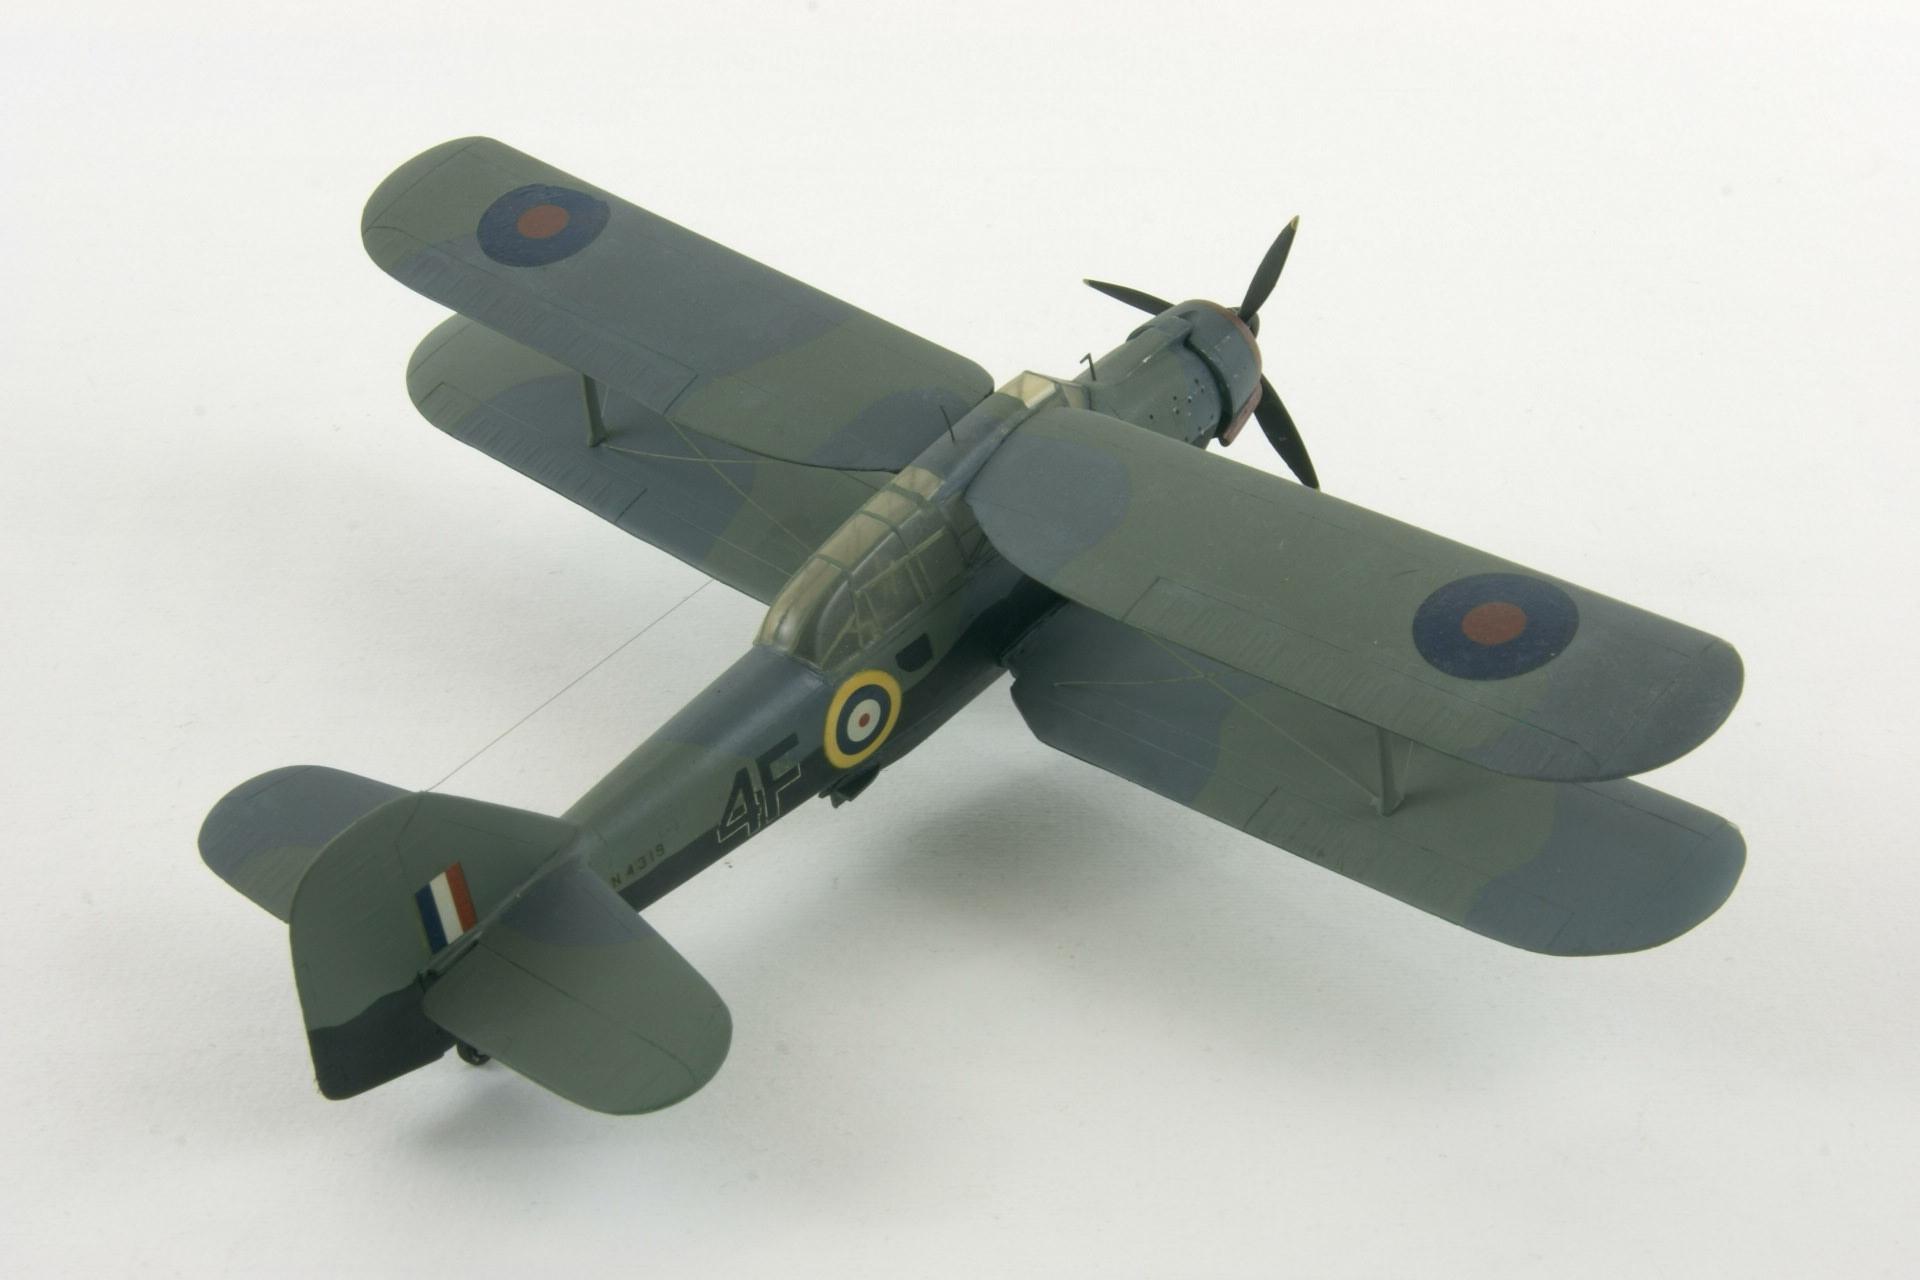 Fairey albacore tb i 3 1